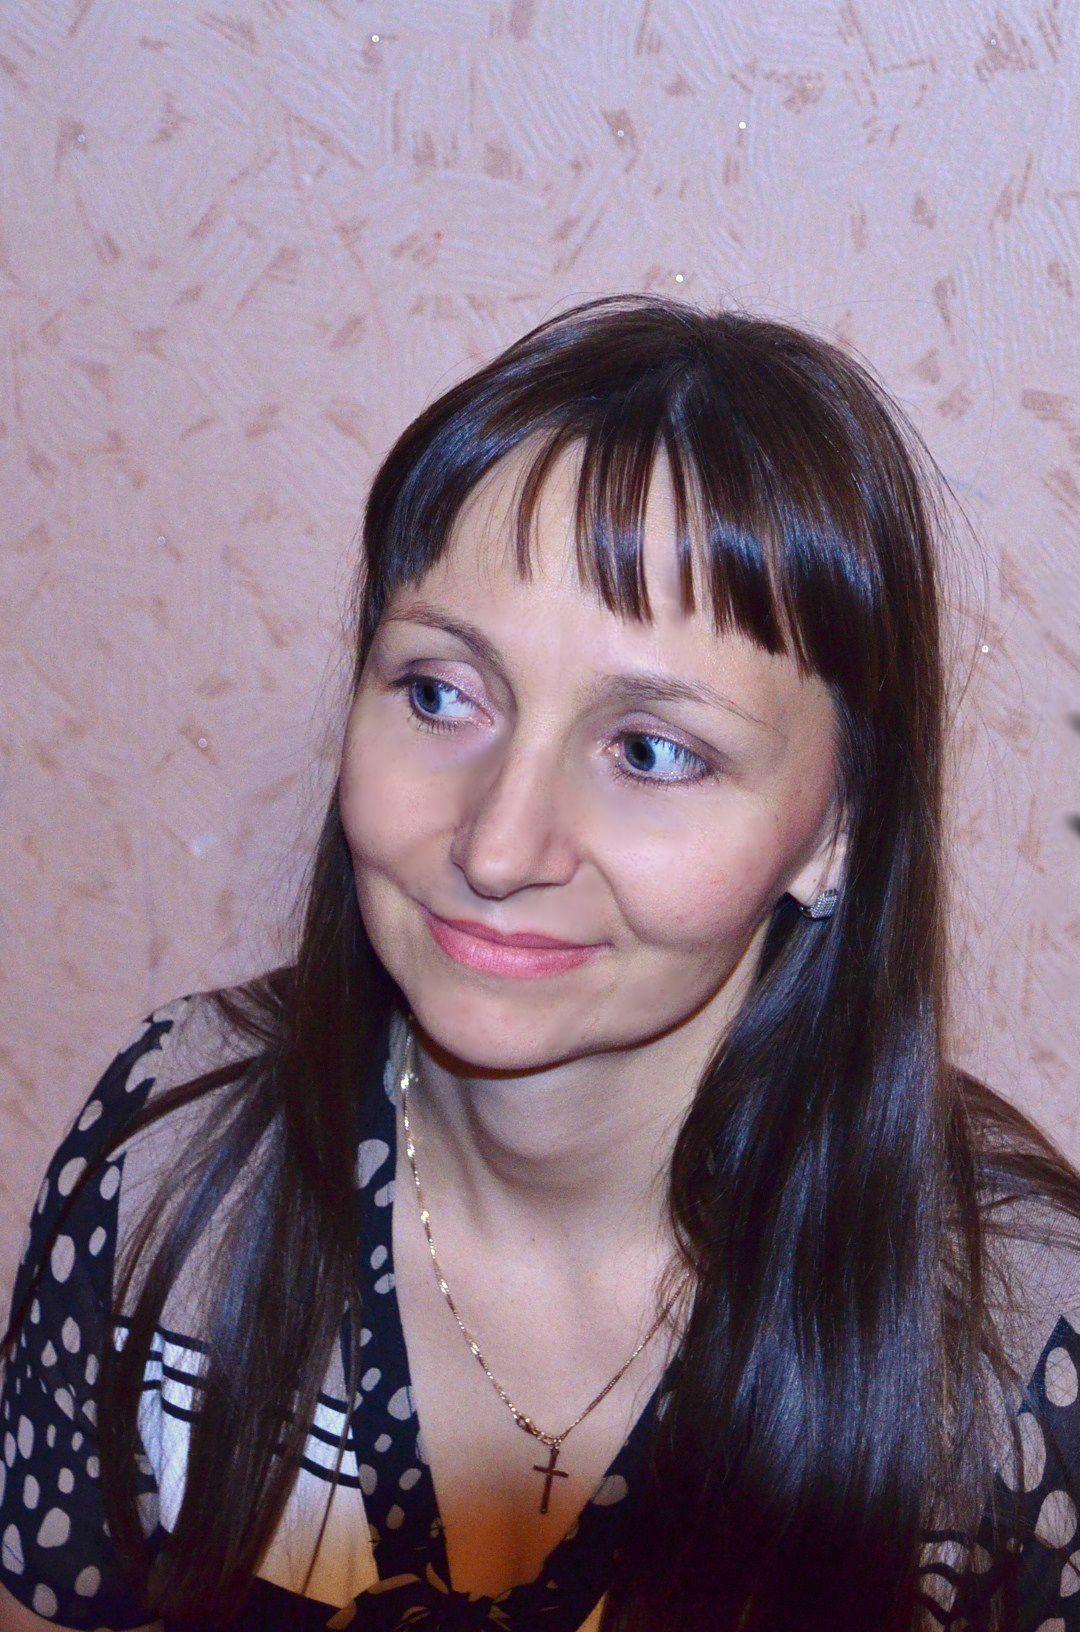 Elizaveta From Yekaterinburg, Russia